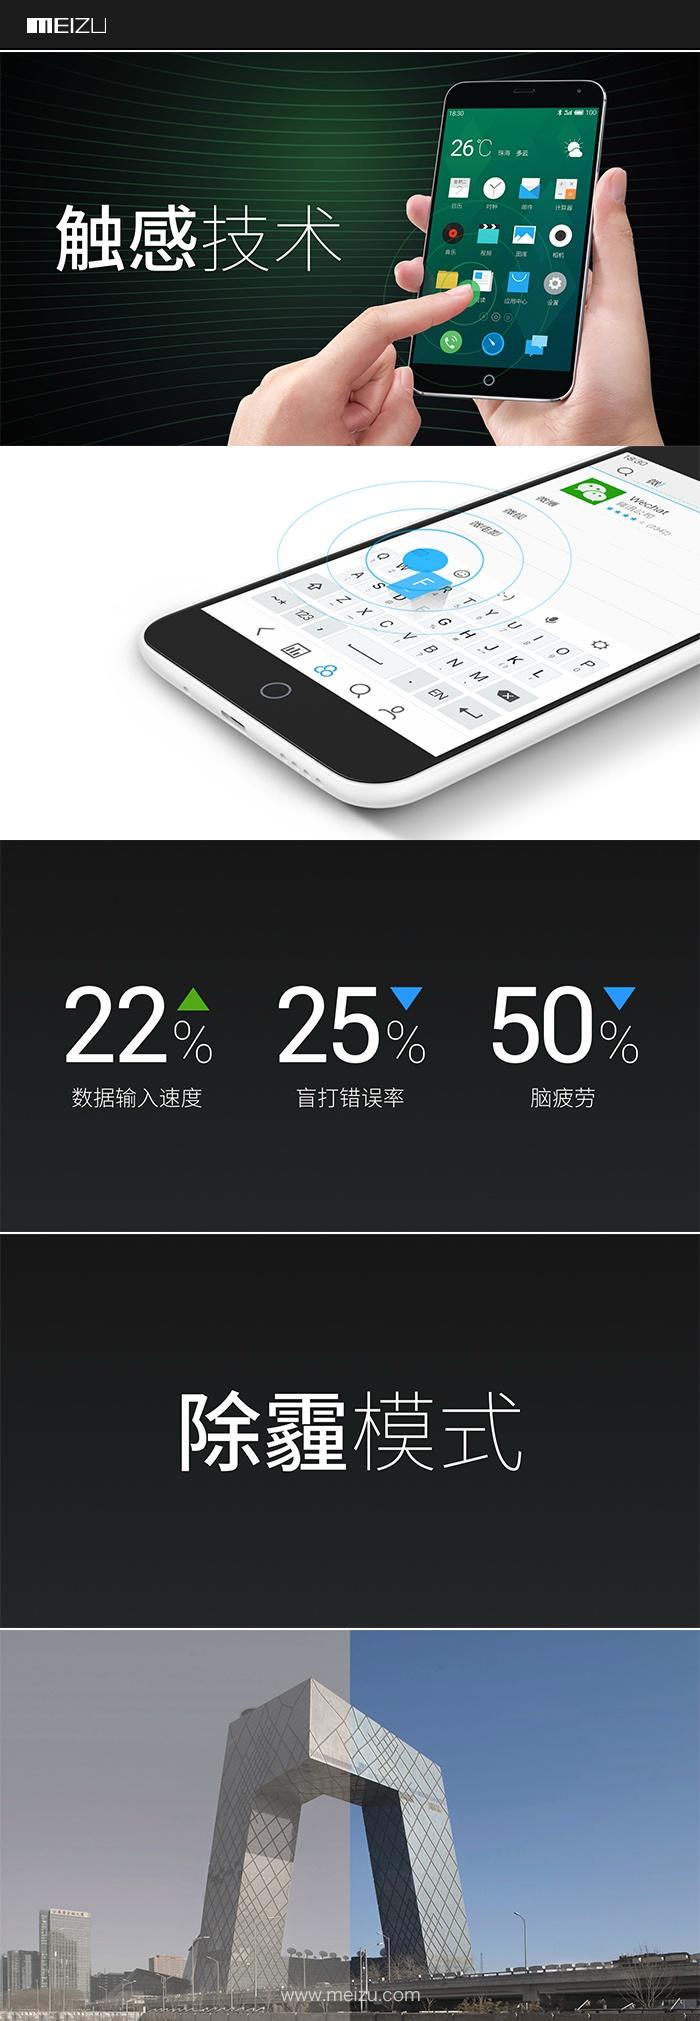 Flyme 4.2发布:新功能相机去霾模式大亮!的照片 - 2